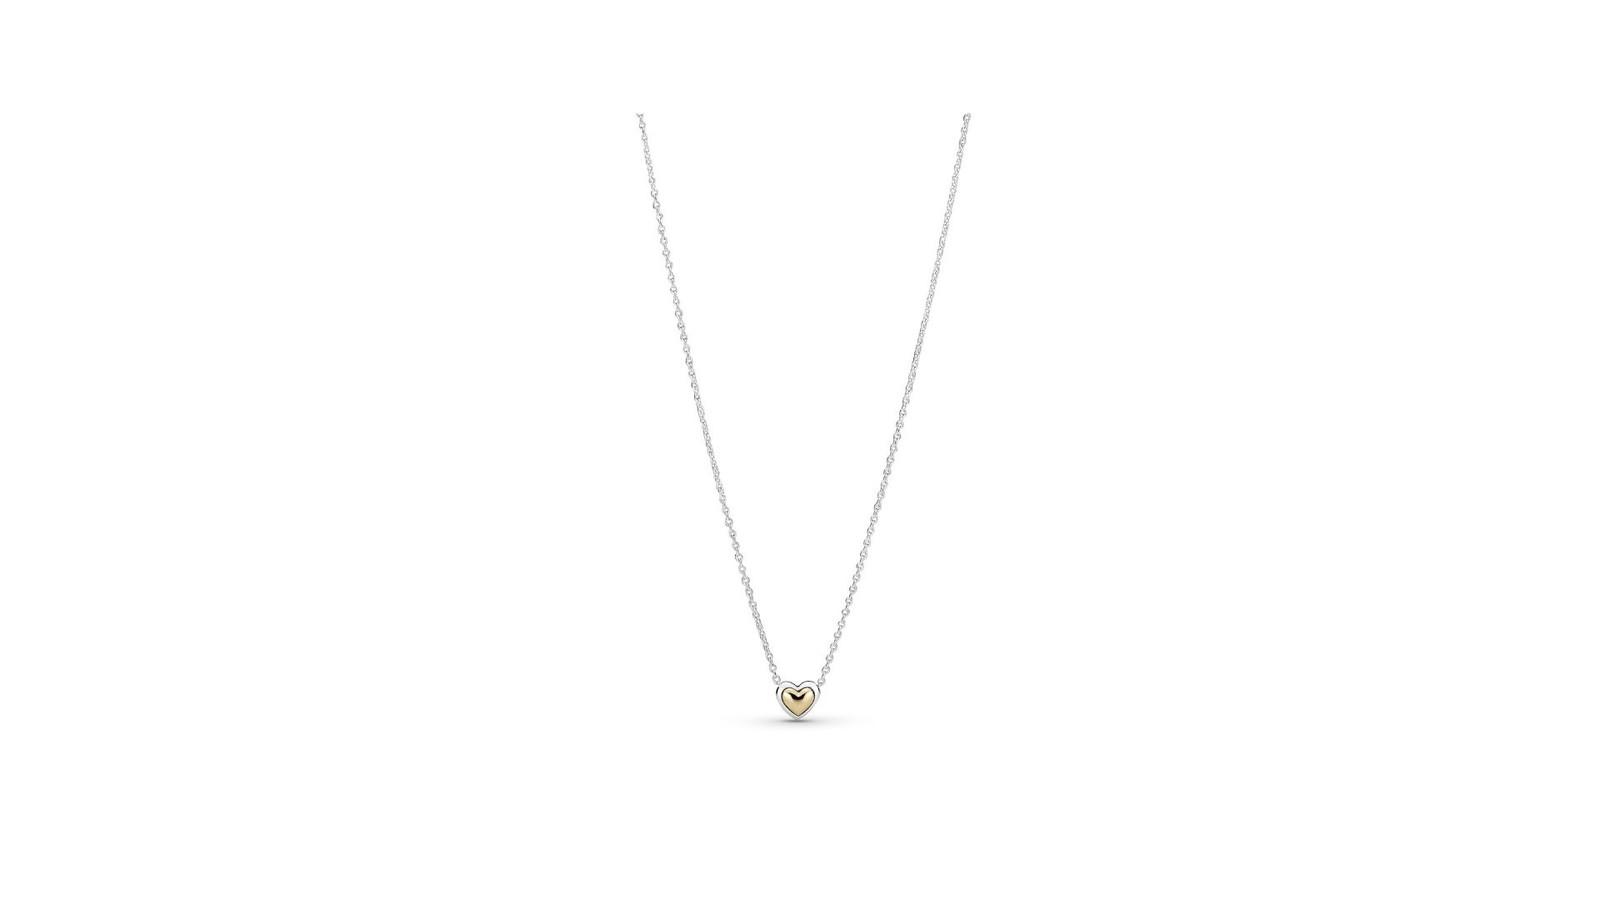 Le collier Heart sterling silver and 14k gold est à 99 euros. Disponible dans les boutiques Pandora.